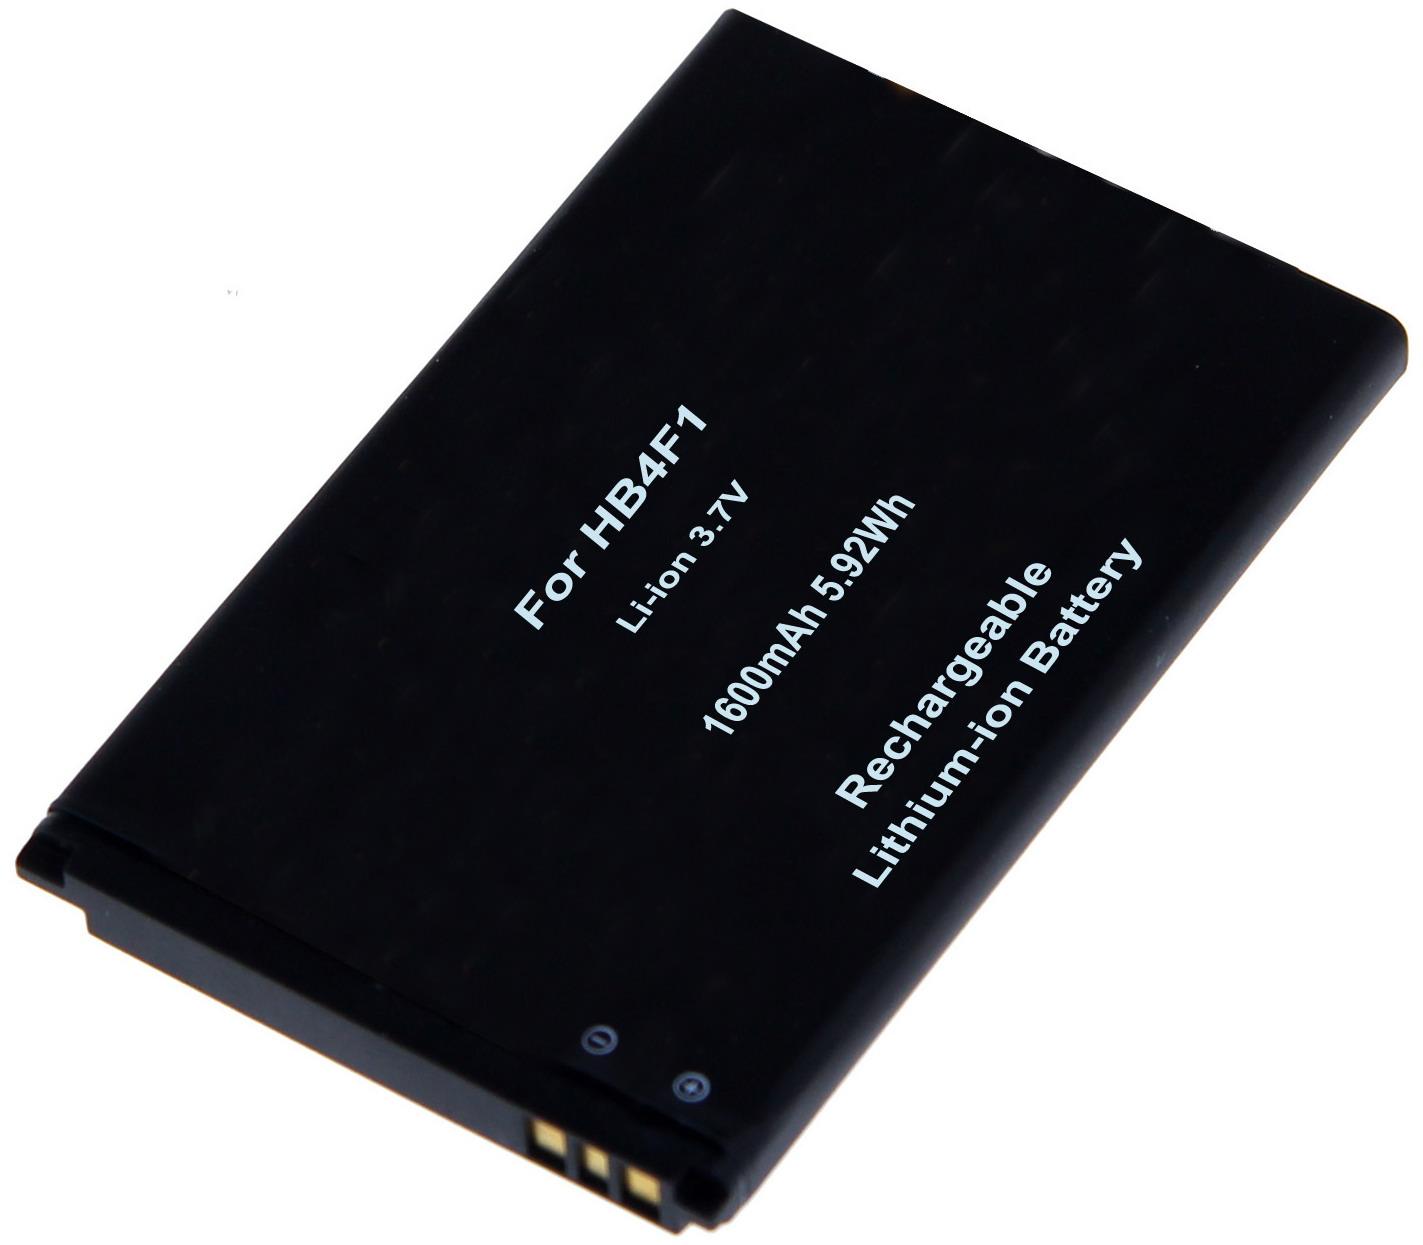 Accu voor Huawei Trekstor mobiler WLAN Hotspot